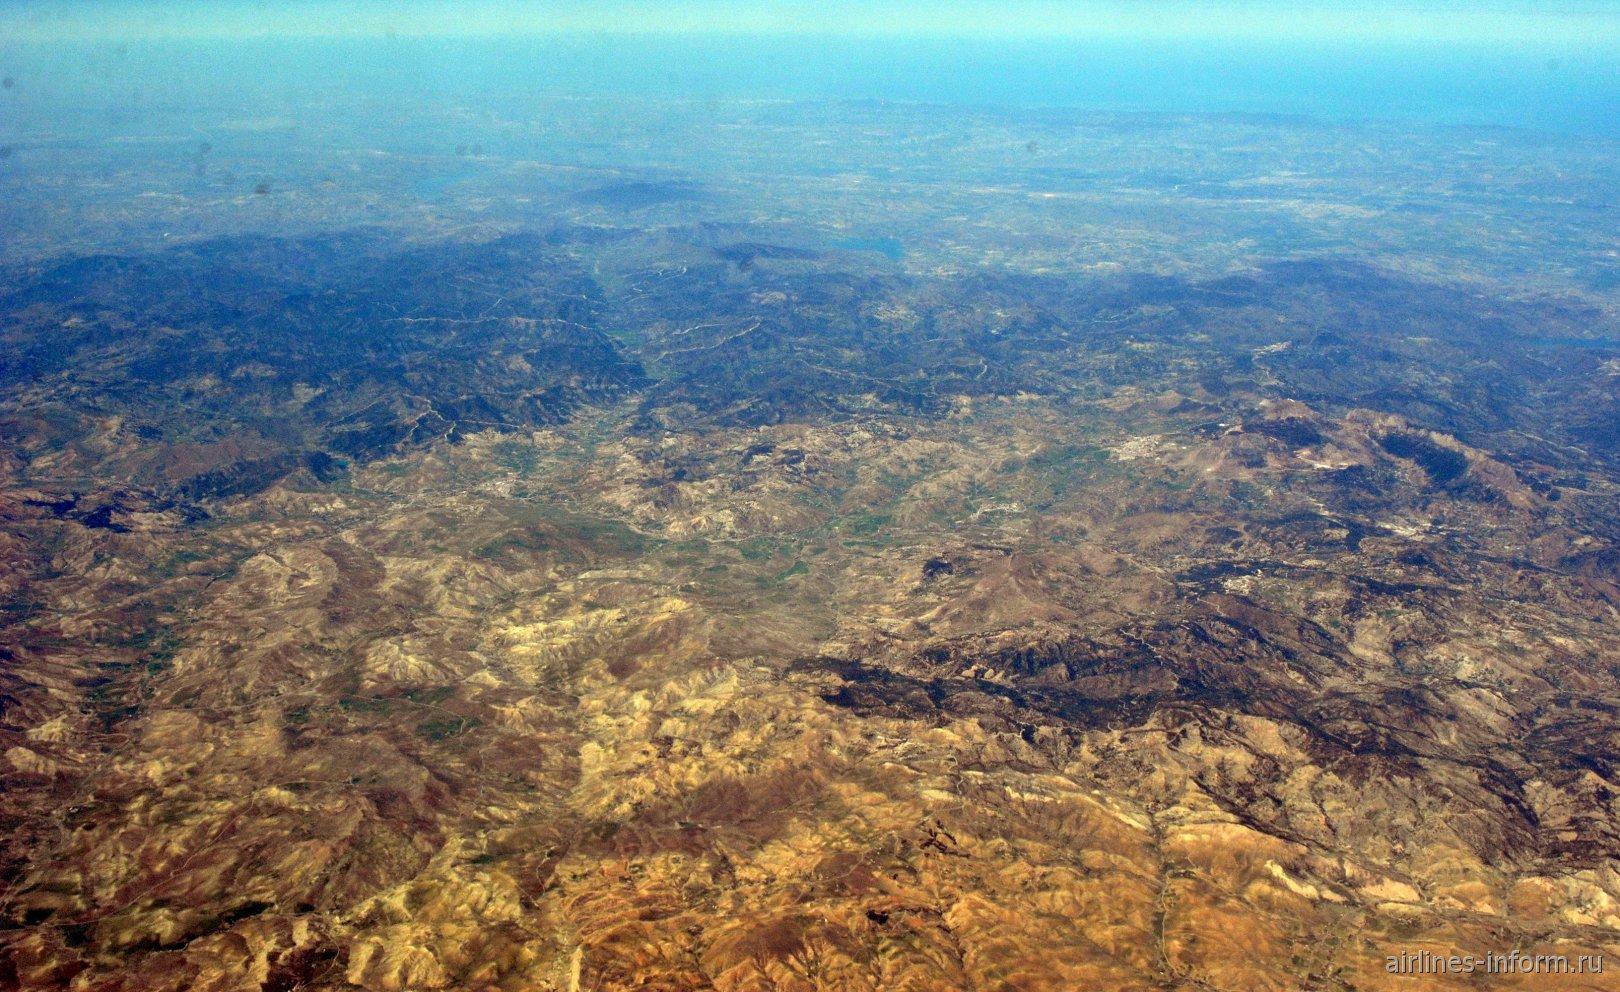 В небе над Алжиром. Окрестности населённого пункта Ларжм. Вдали - Средиземное море.